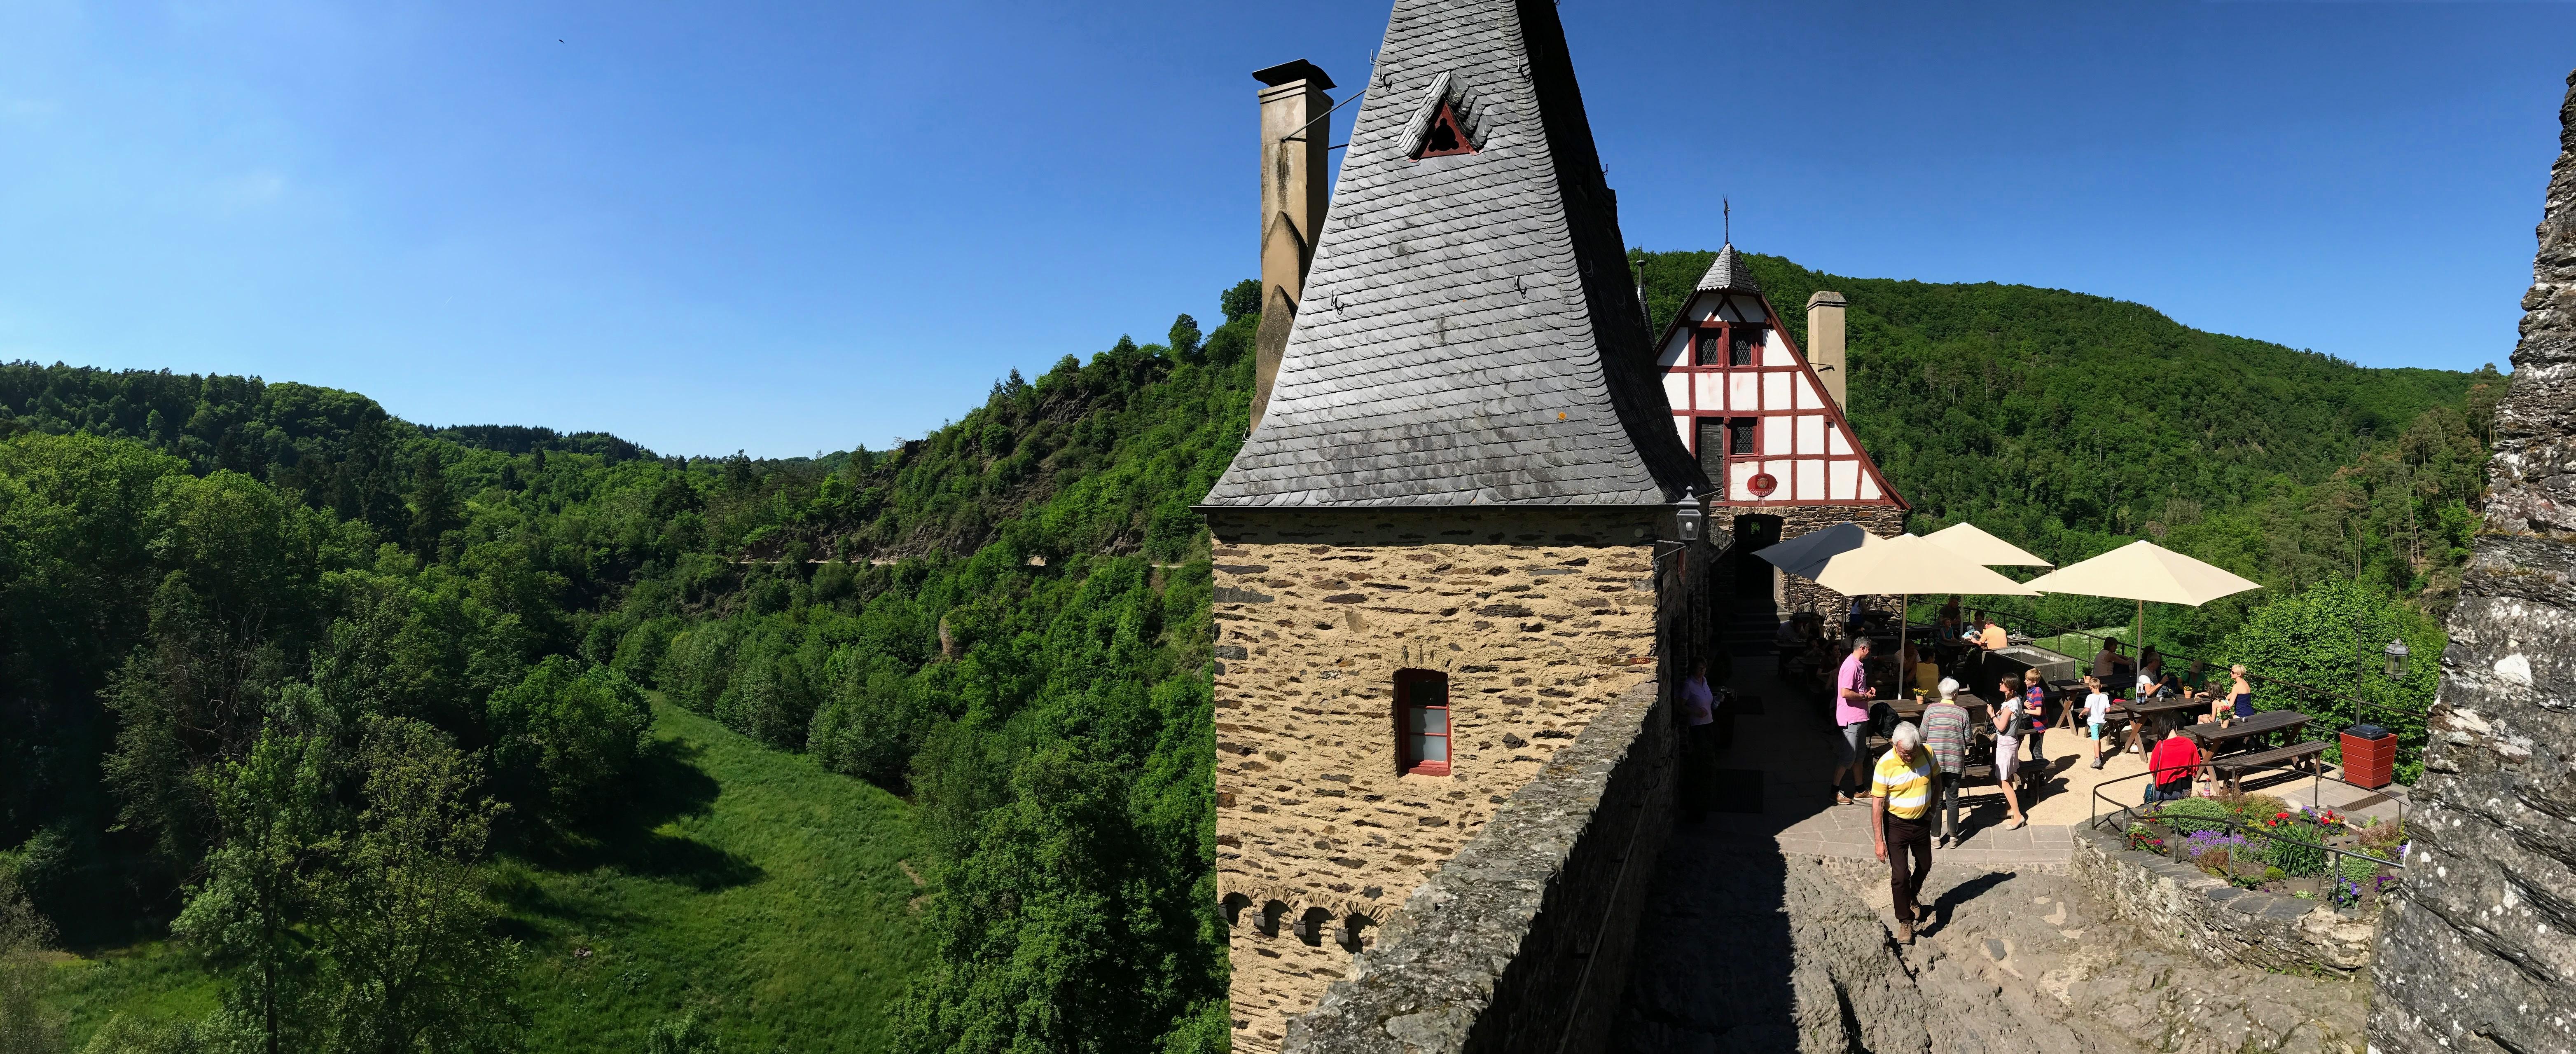 Cafetaria en terras Burg Eltz